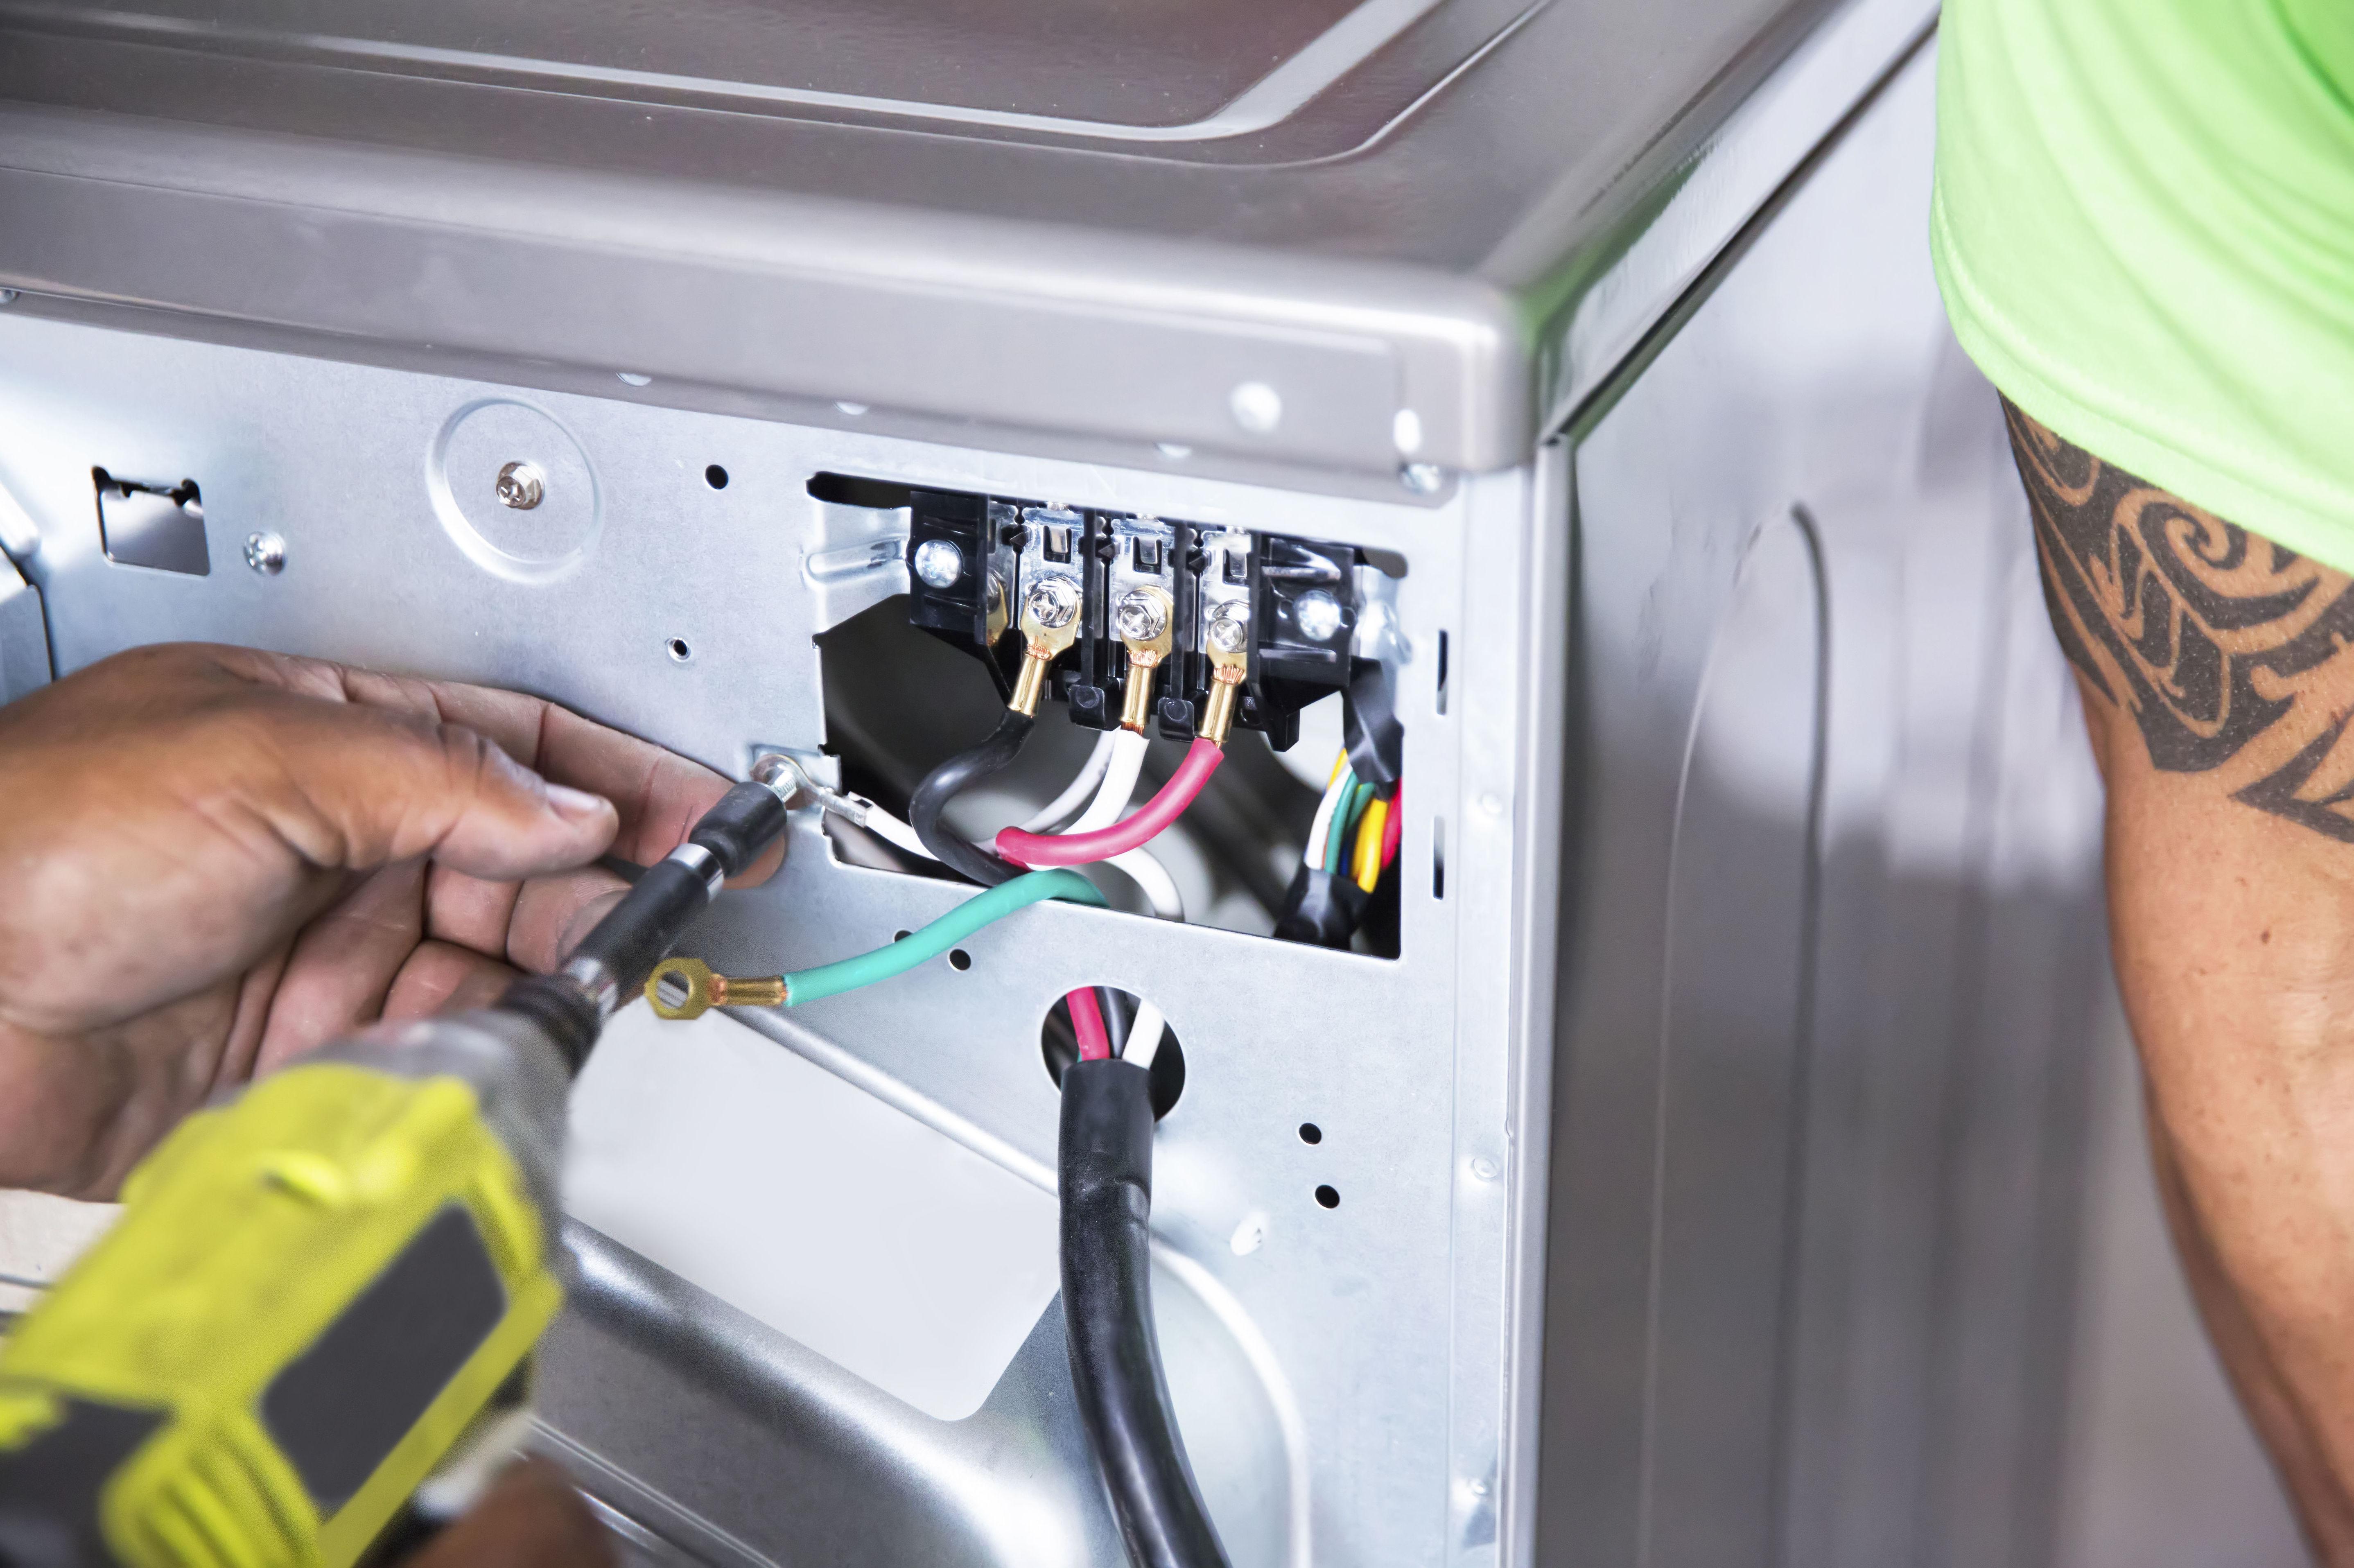 Reparación de electrodomésticos 24 horas en Castellón